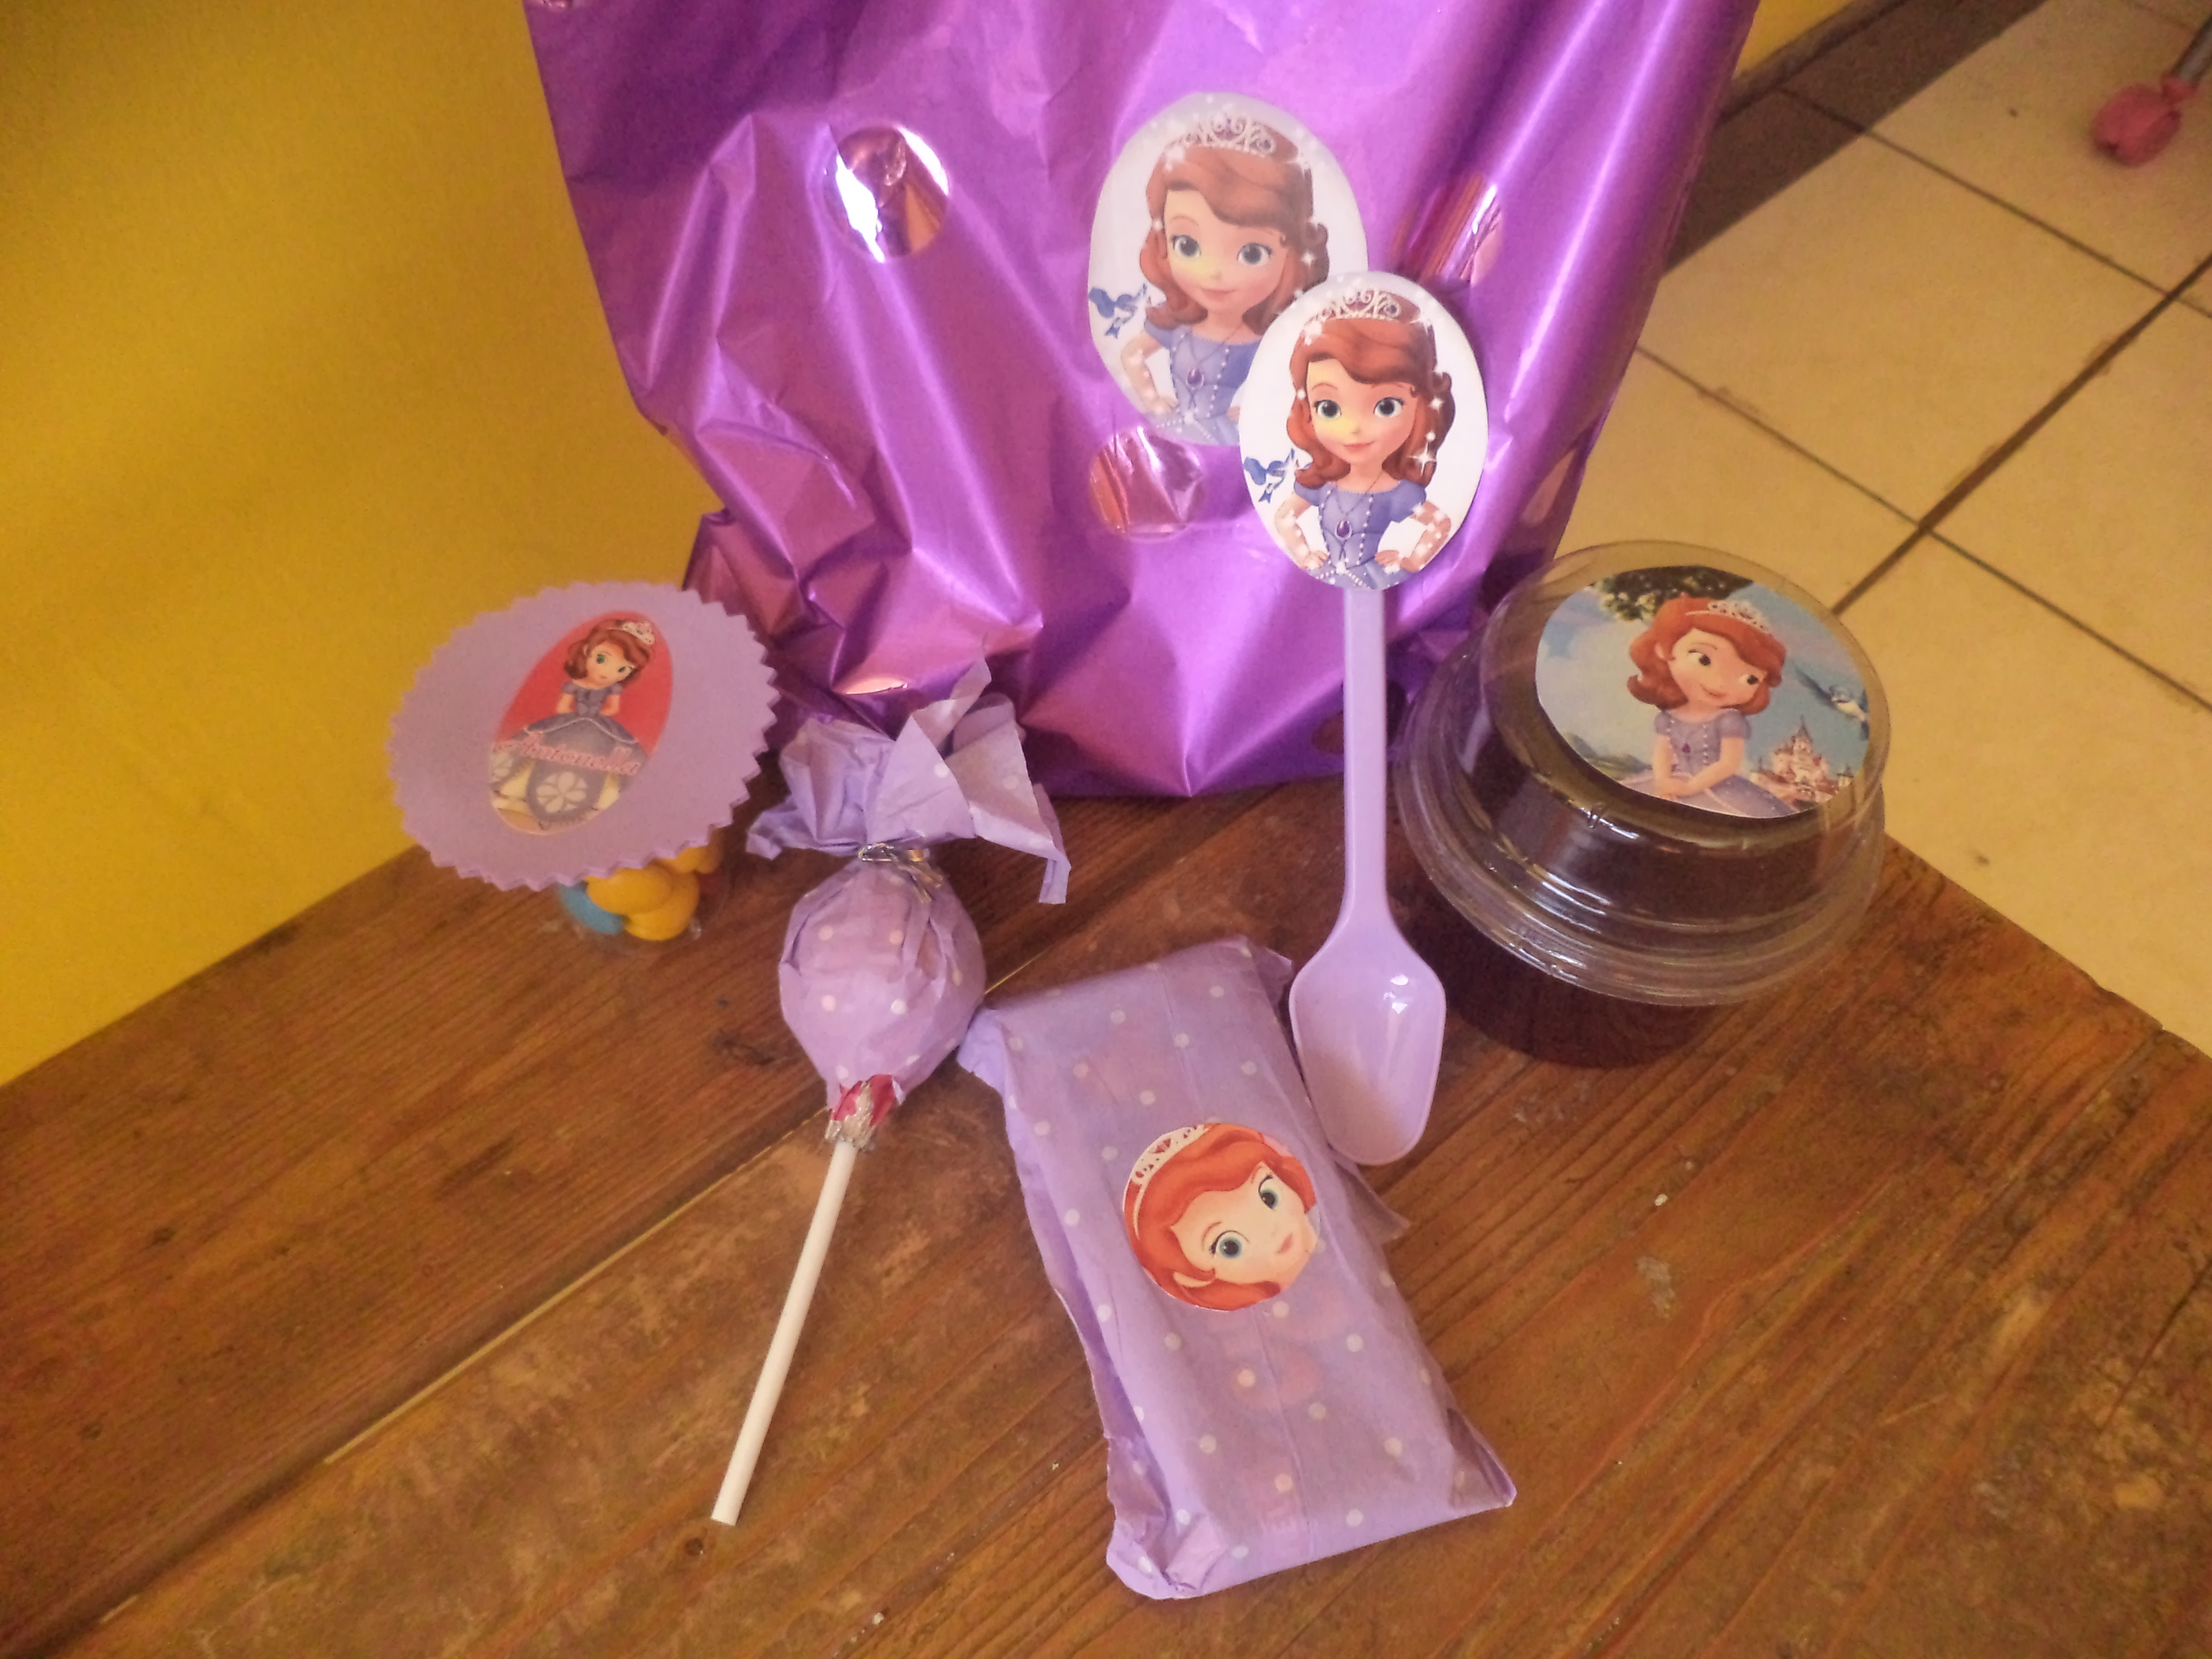 Decorazioni Per Feste Di Compleanno Bambini Fai Da Te : Decorazioni a tema u2013 1oceanoxculla